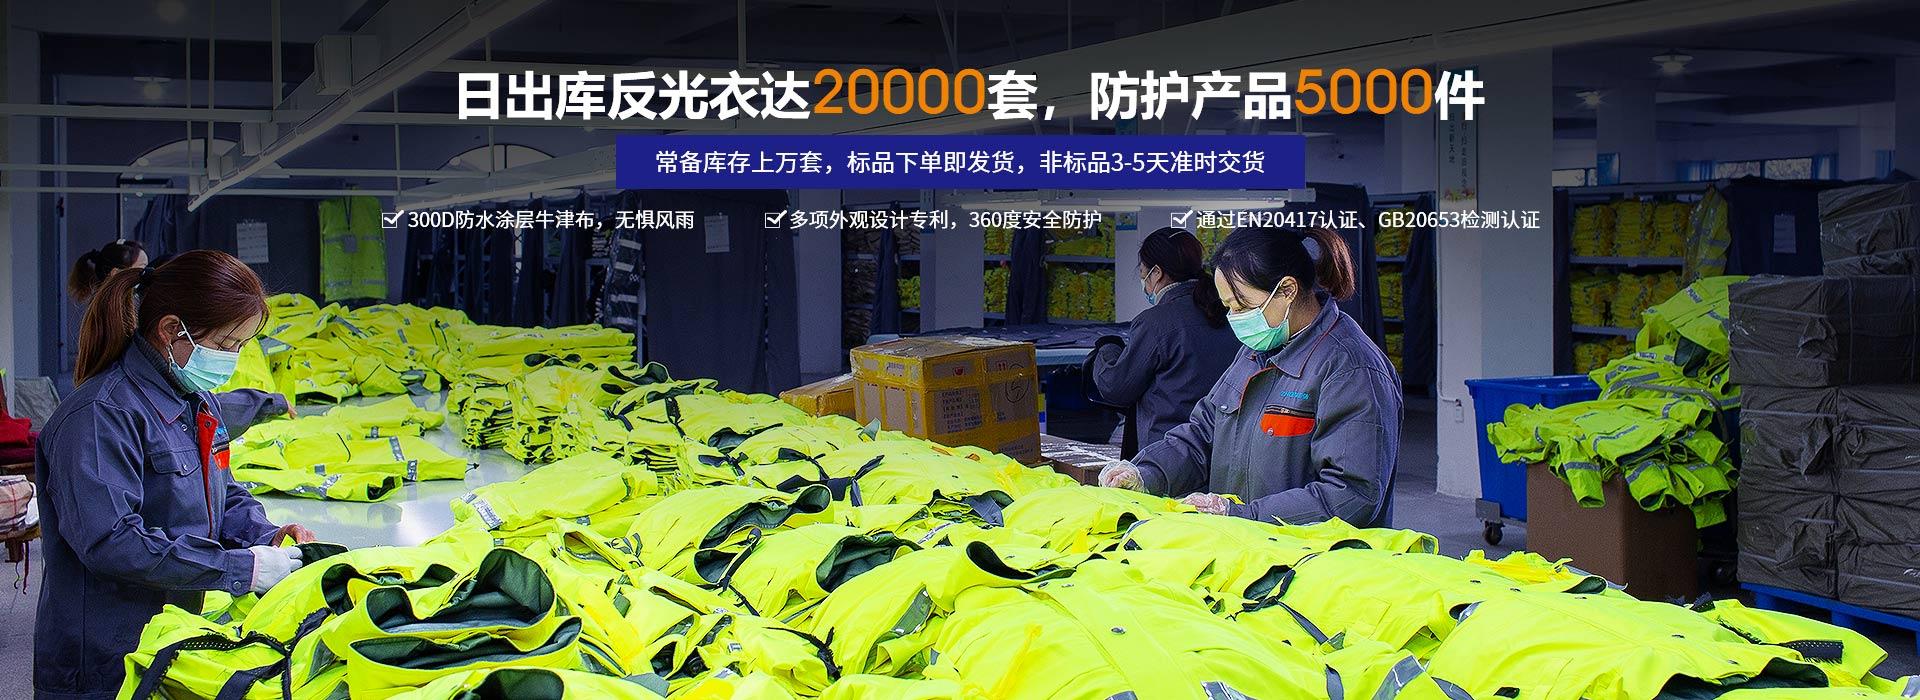 振弘-反光衣生产厂家,专业定制